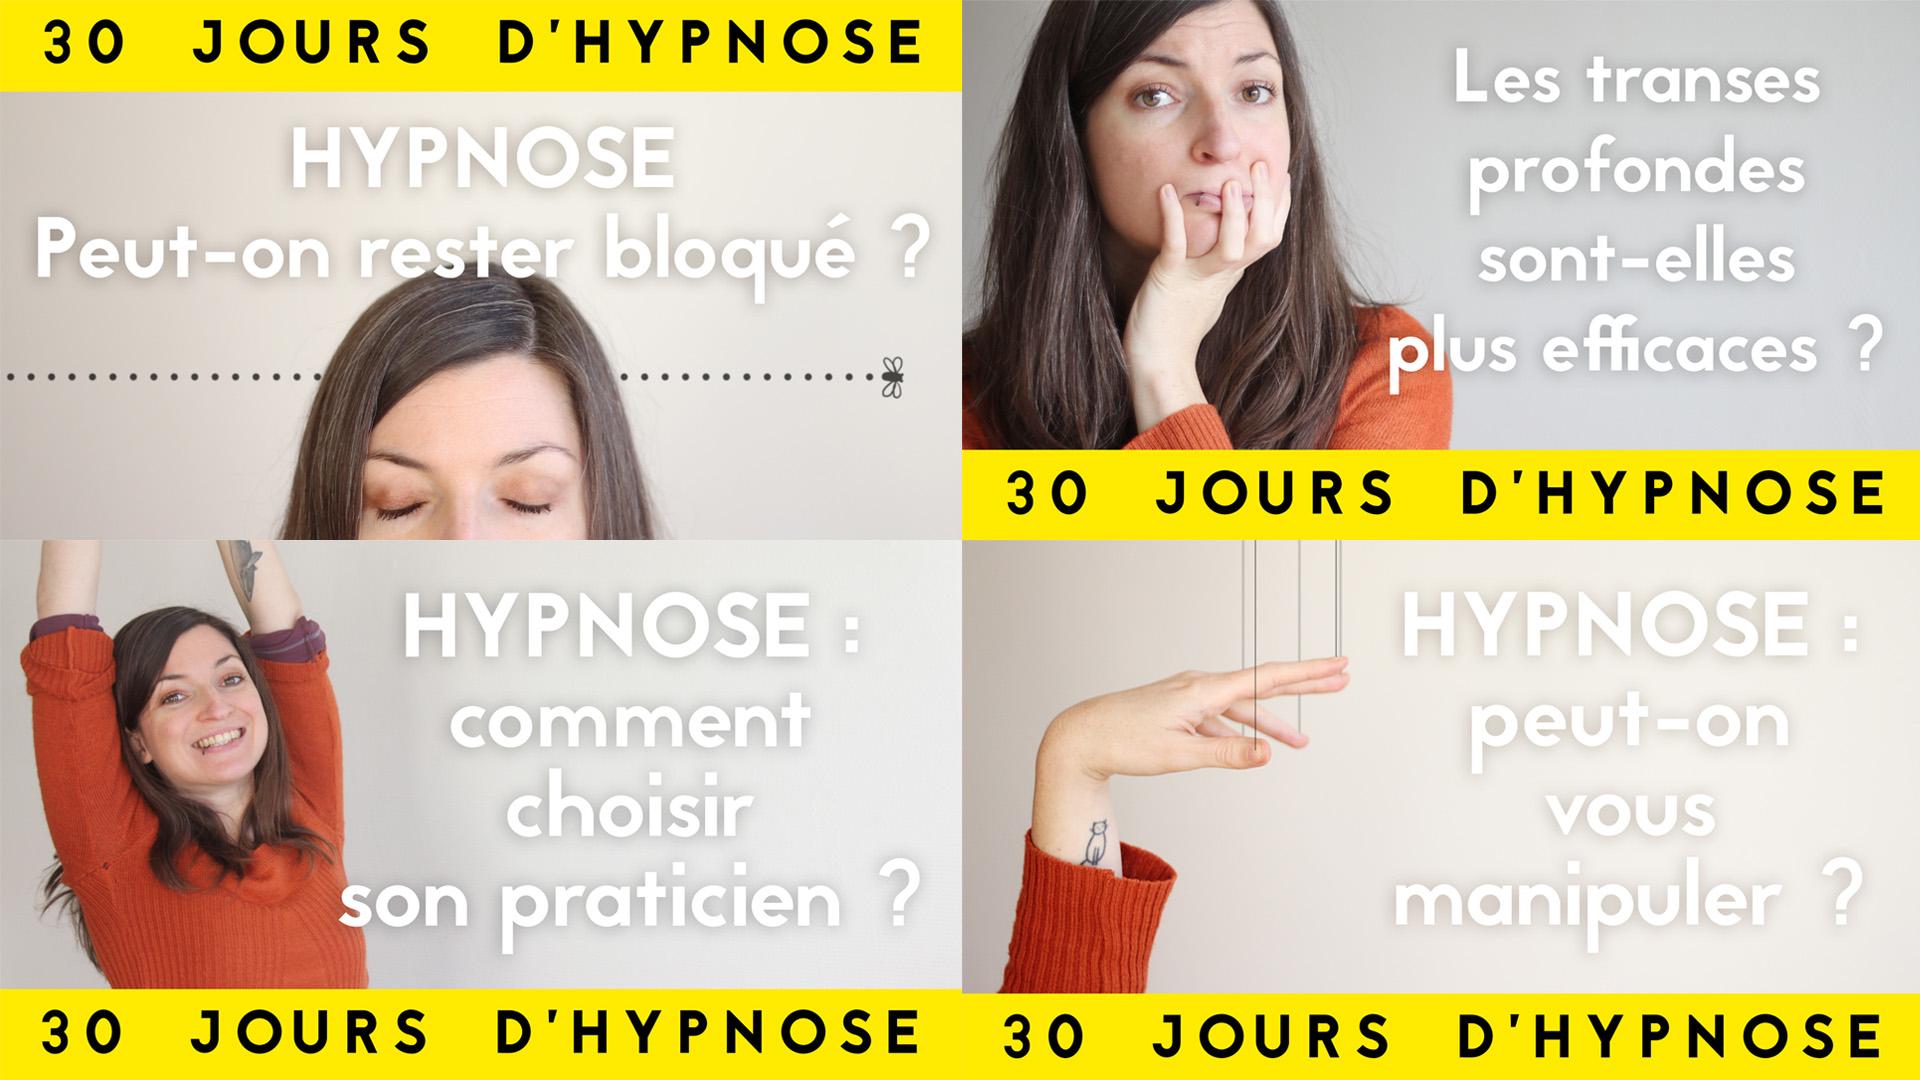 30 jours d'hypnose, partie 3